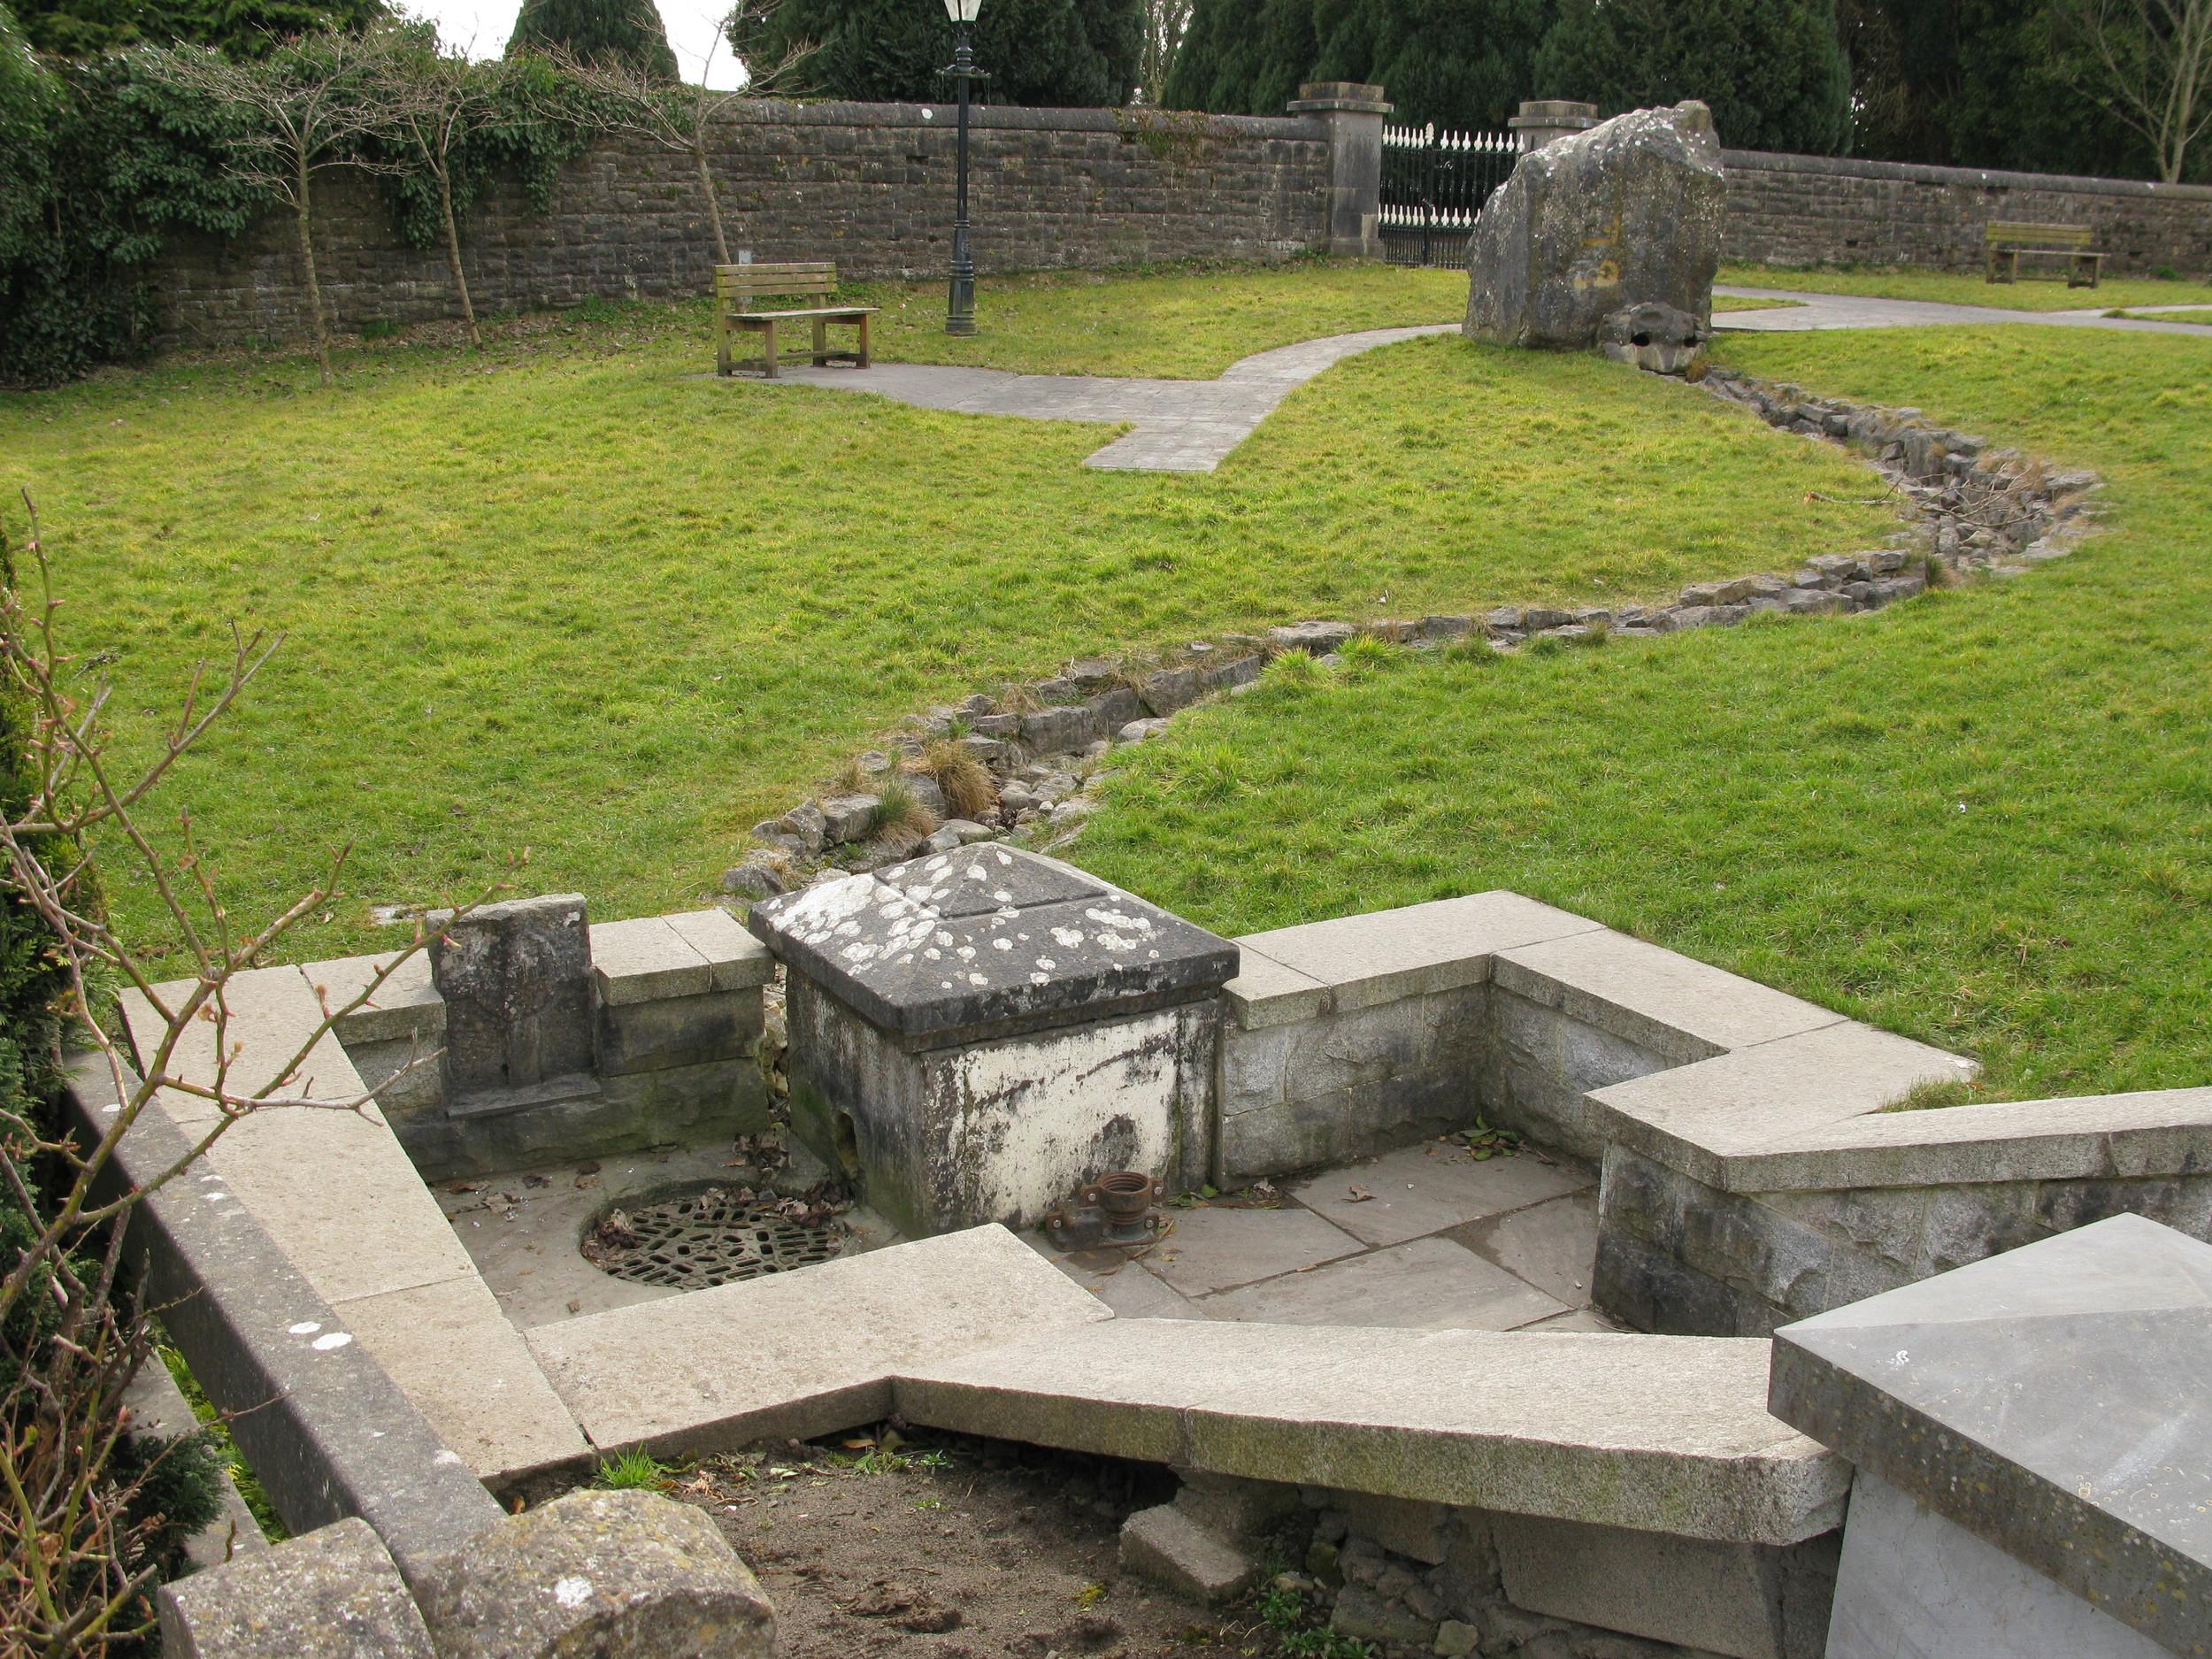 12. Tobar Mhuire, Elphin, Roscommon. Jeg måtte løfte kloaklåget for at hente lidt vand.